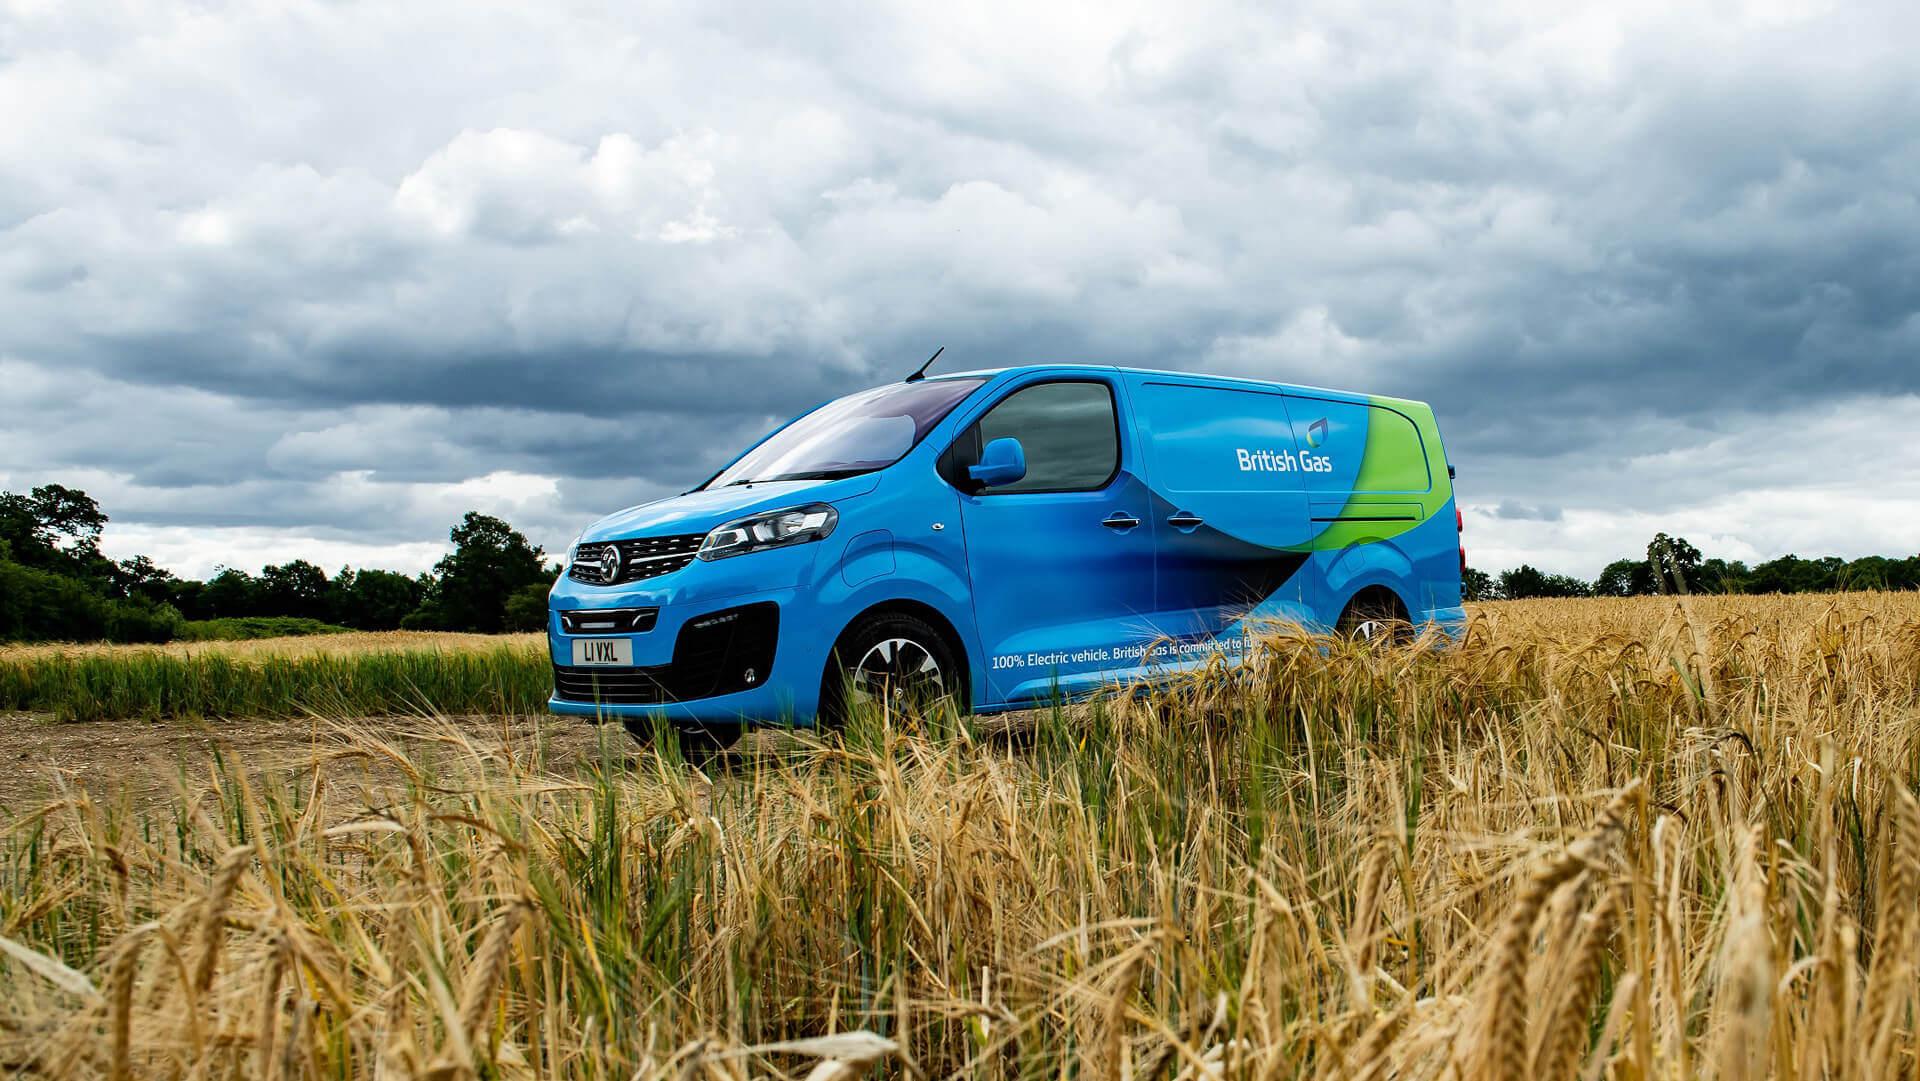 К2025 году British Gas планирует полностью использовать электрический автопарк